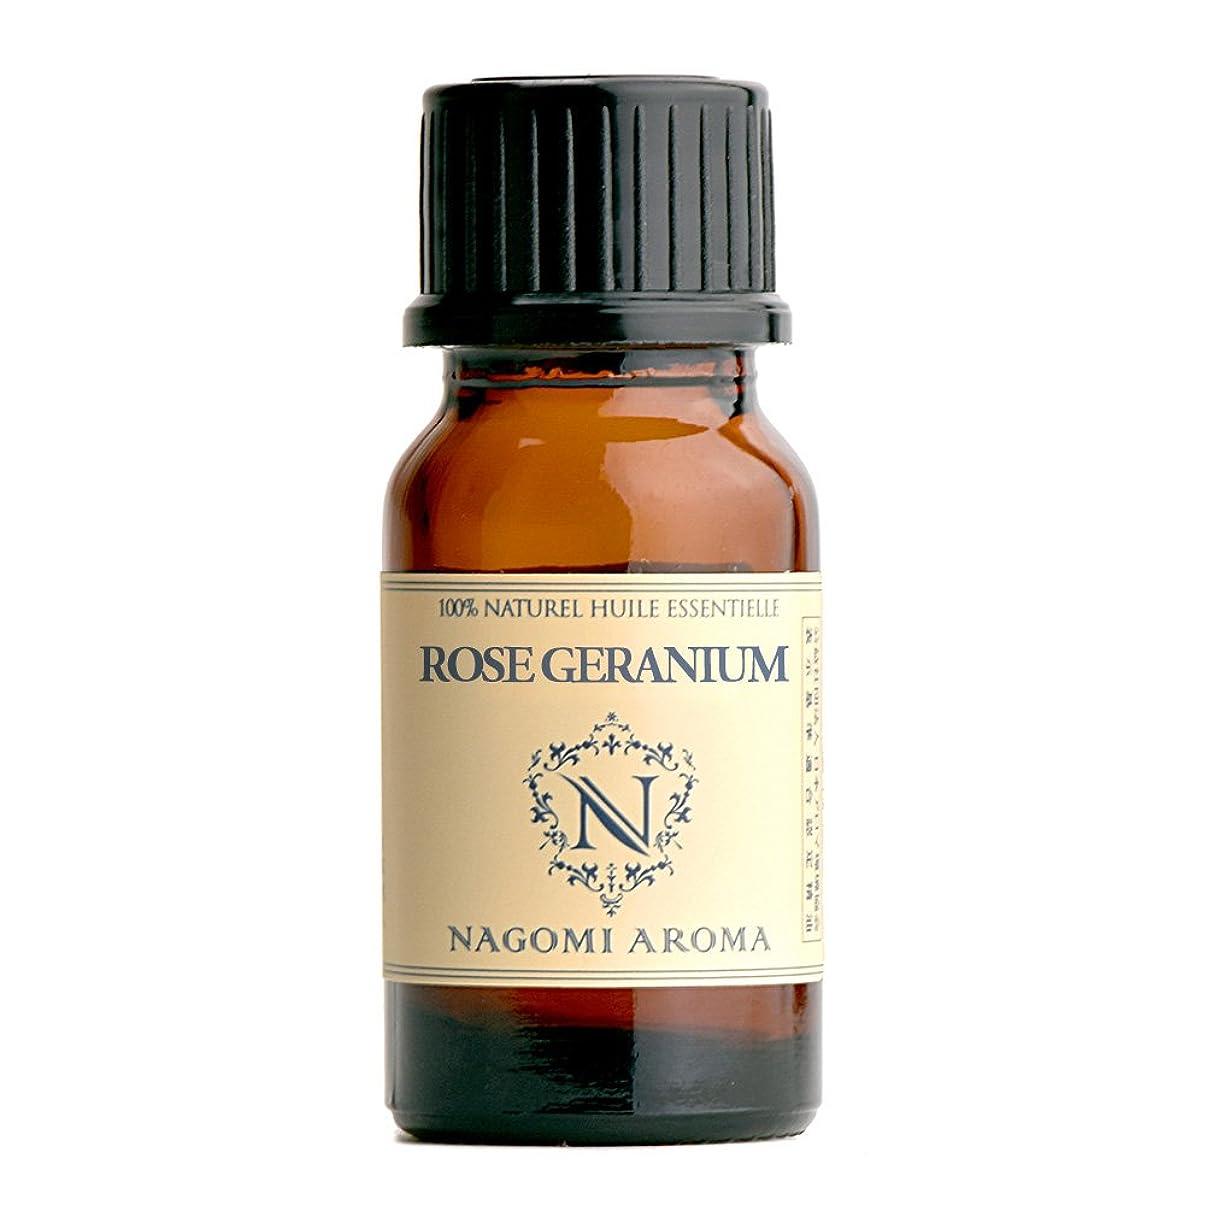 発掘する使い込む失うNAGOMI AROMA ローズゼラニウム 10ml 【AEAJ認定精油】【アロマオイル】